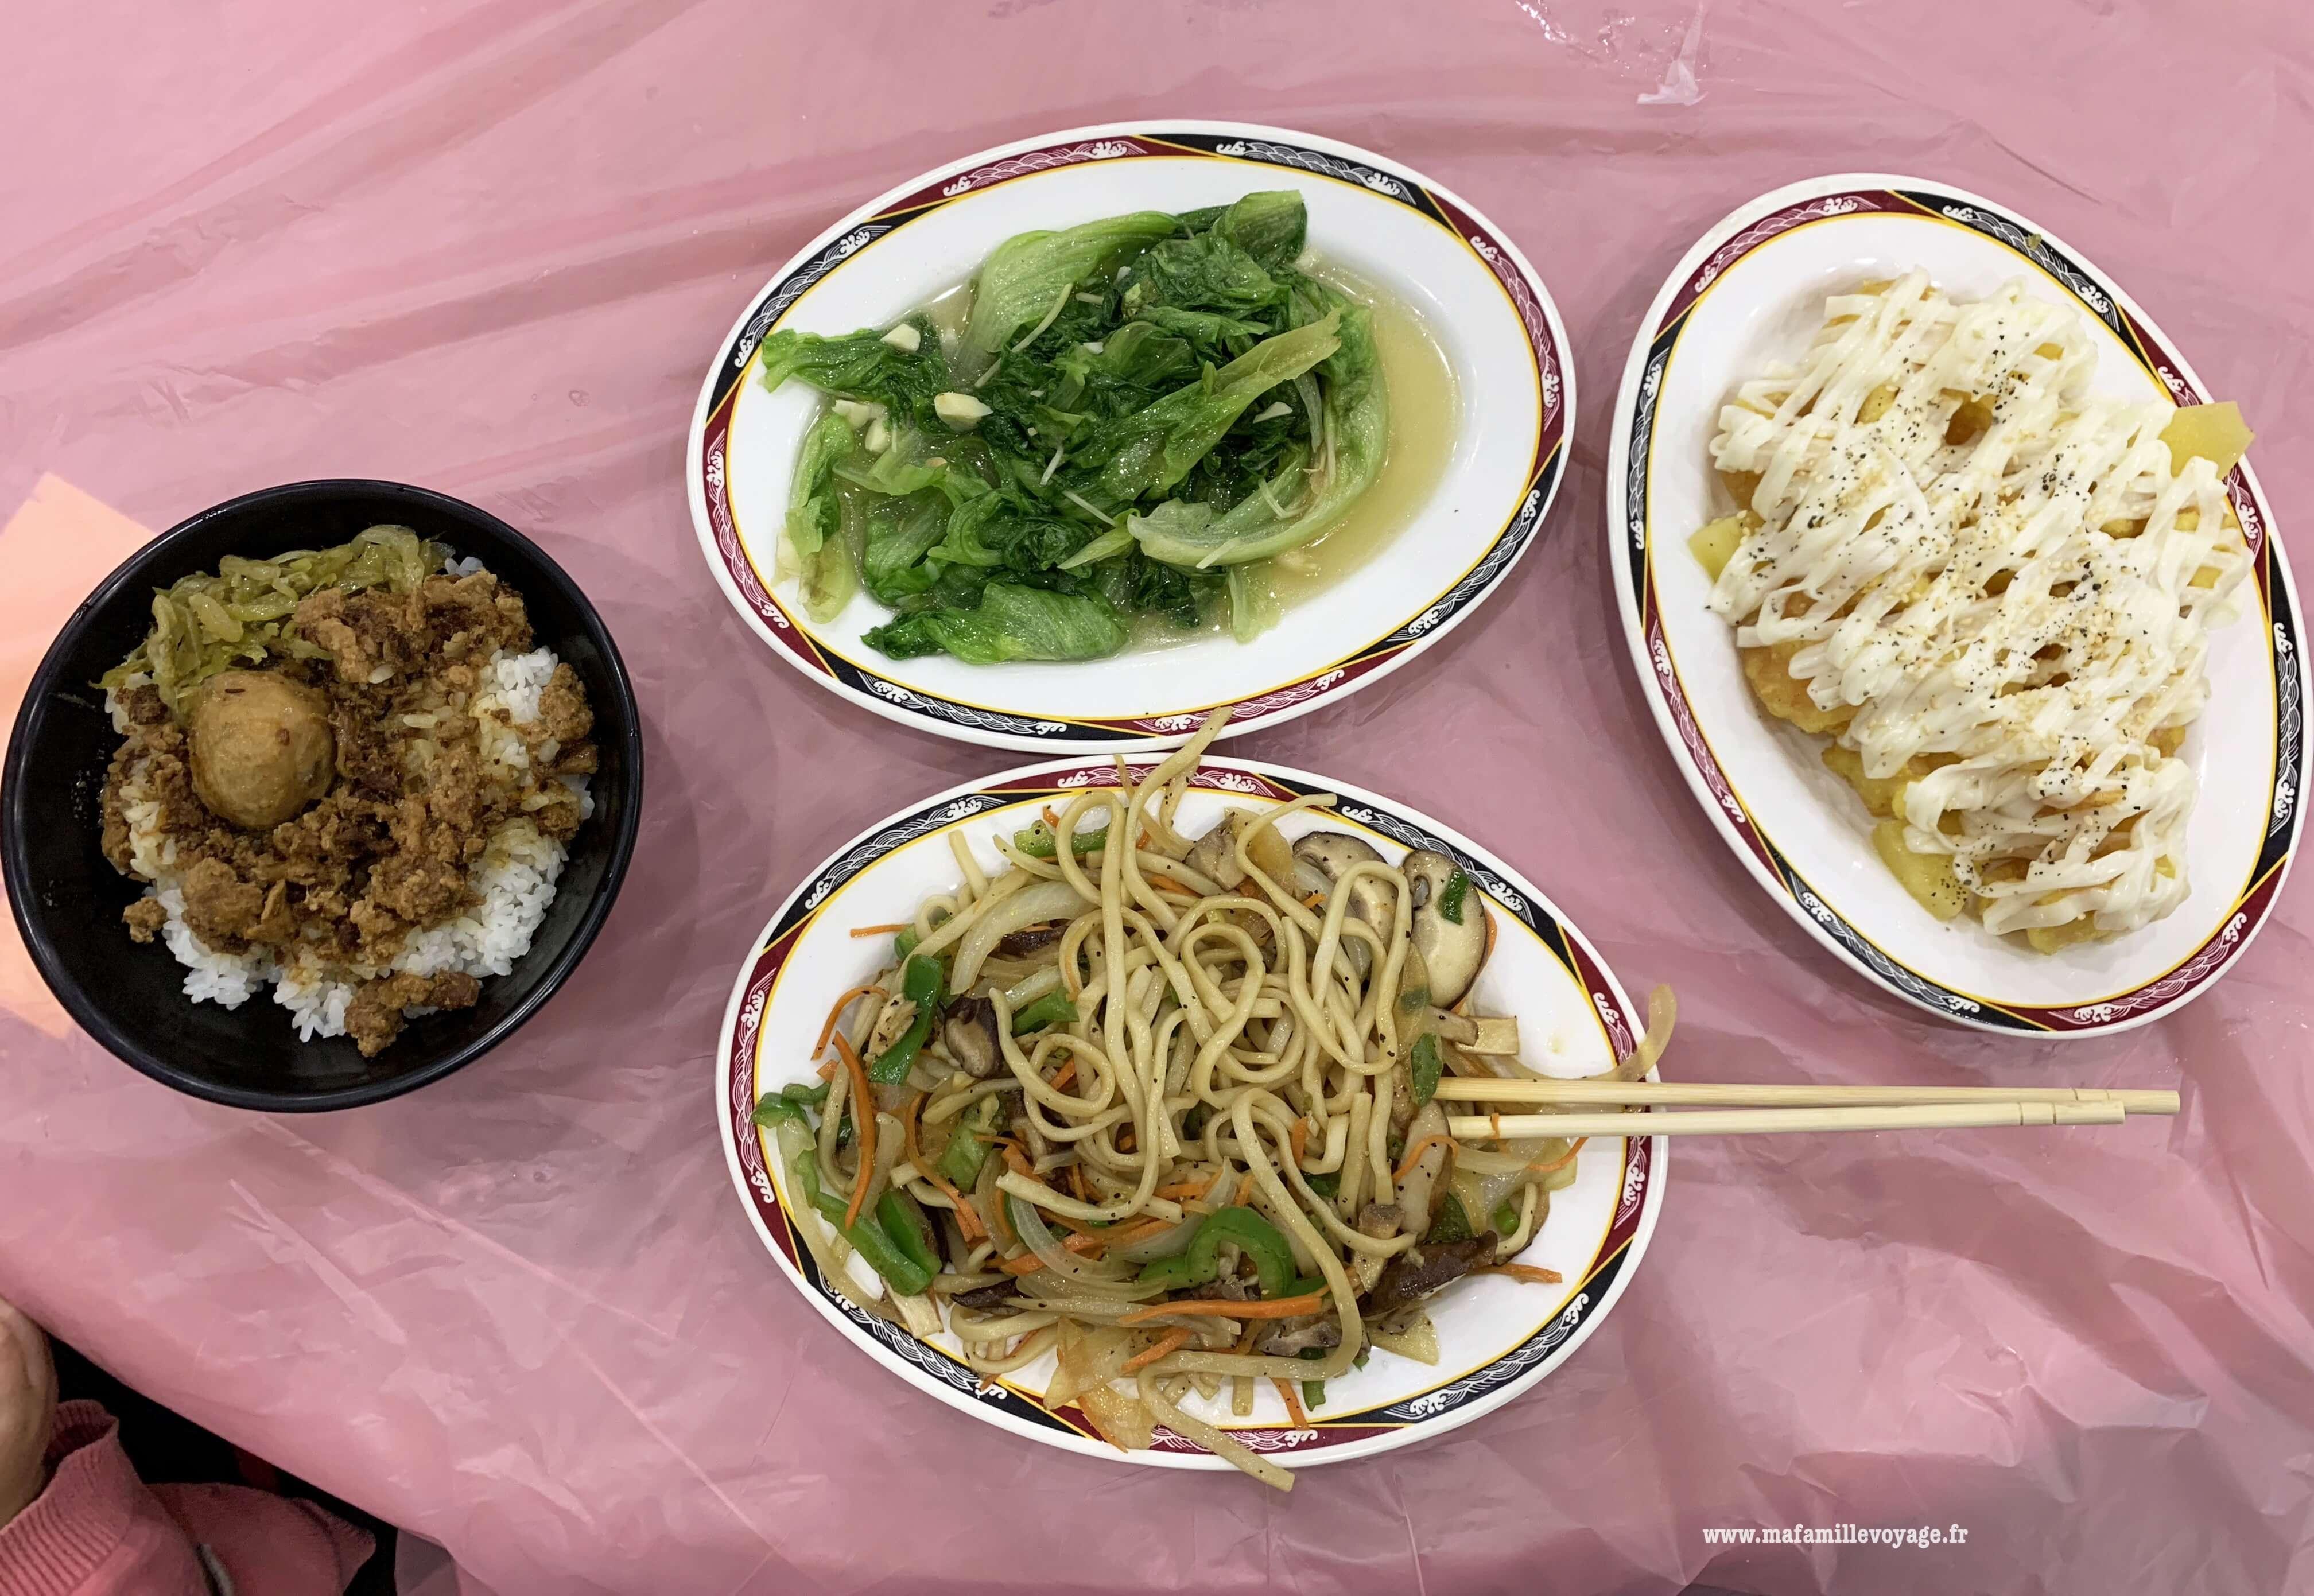 Voici le repas classique à Taïwan